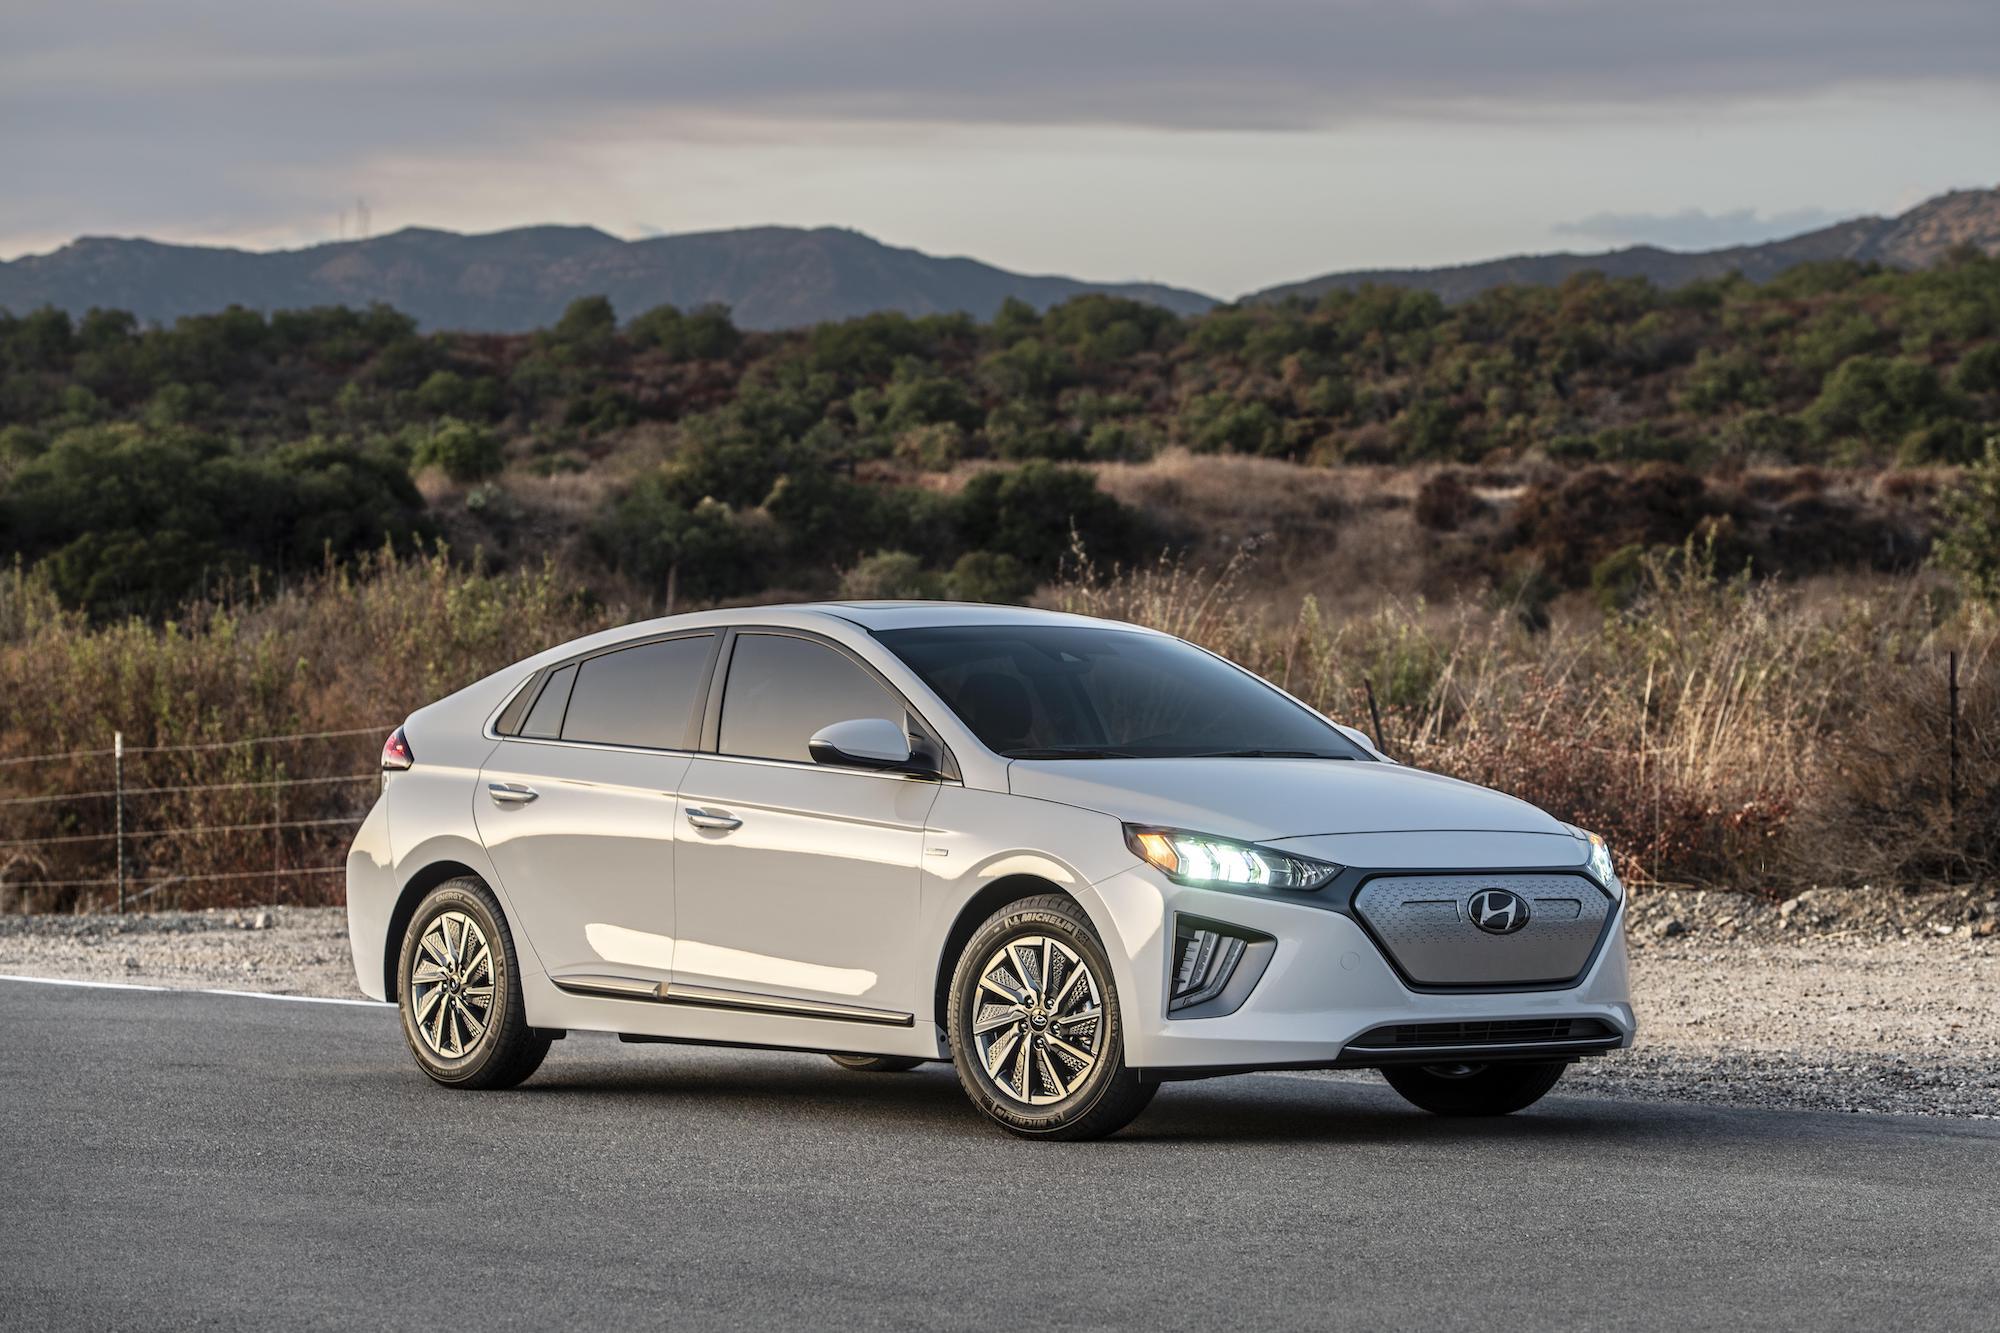 2022 Hyundai IONIQ